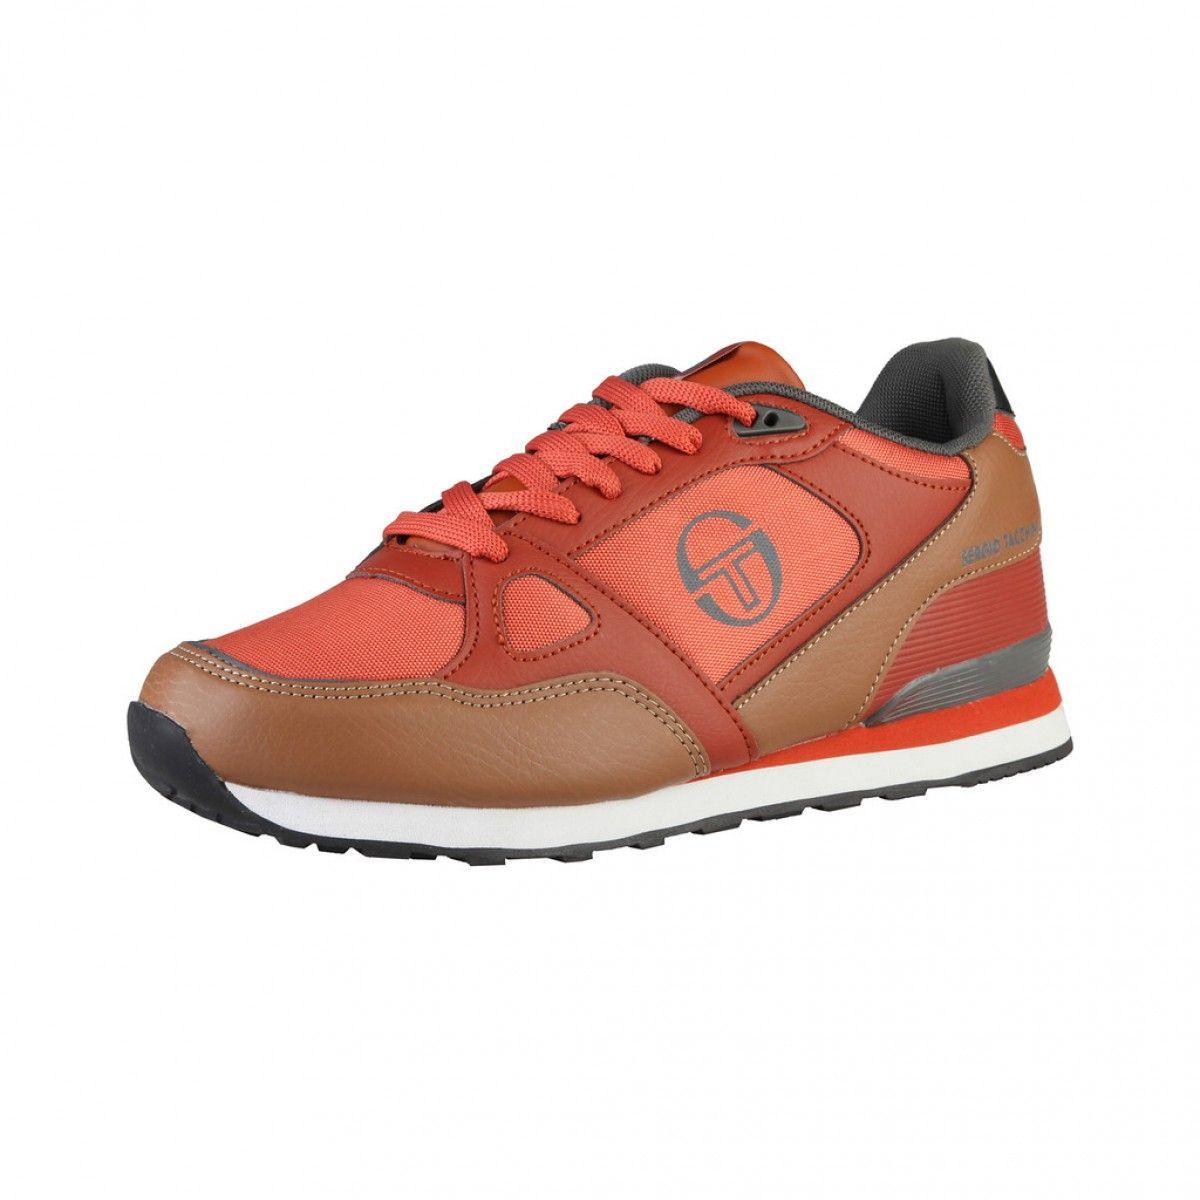 Chaussures de Tennis Basses à Lacets Gris foncé Homme - Tacchini nCY2STHMAY